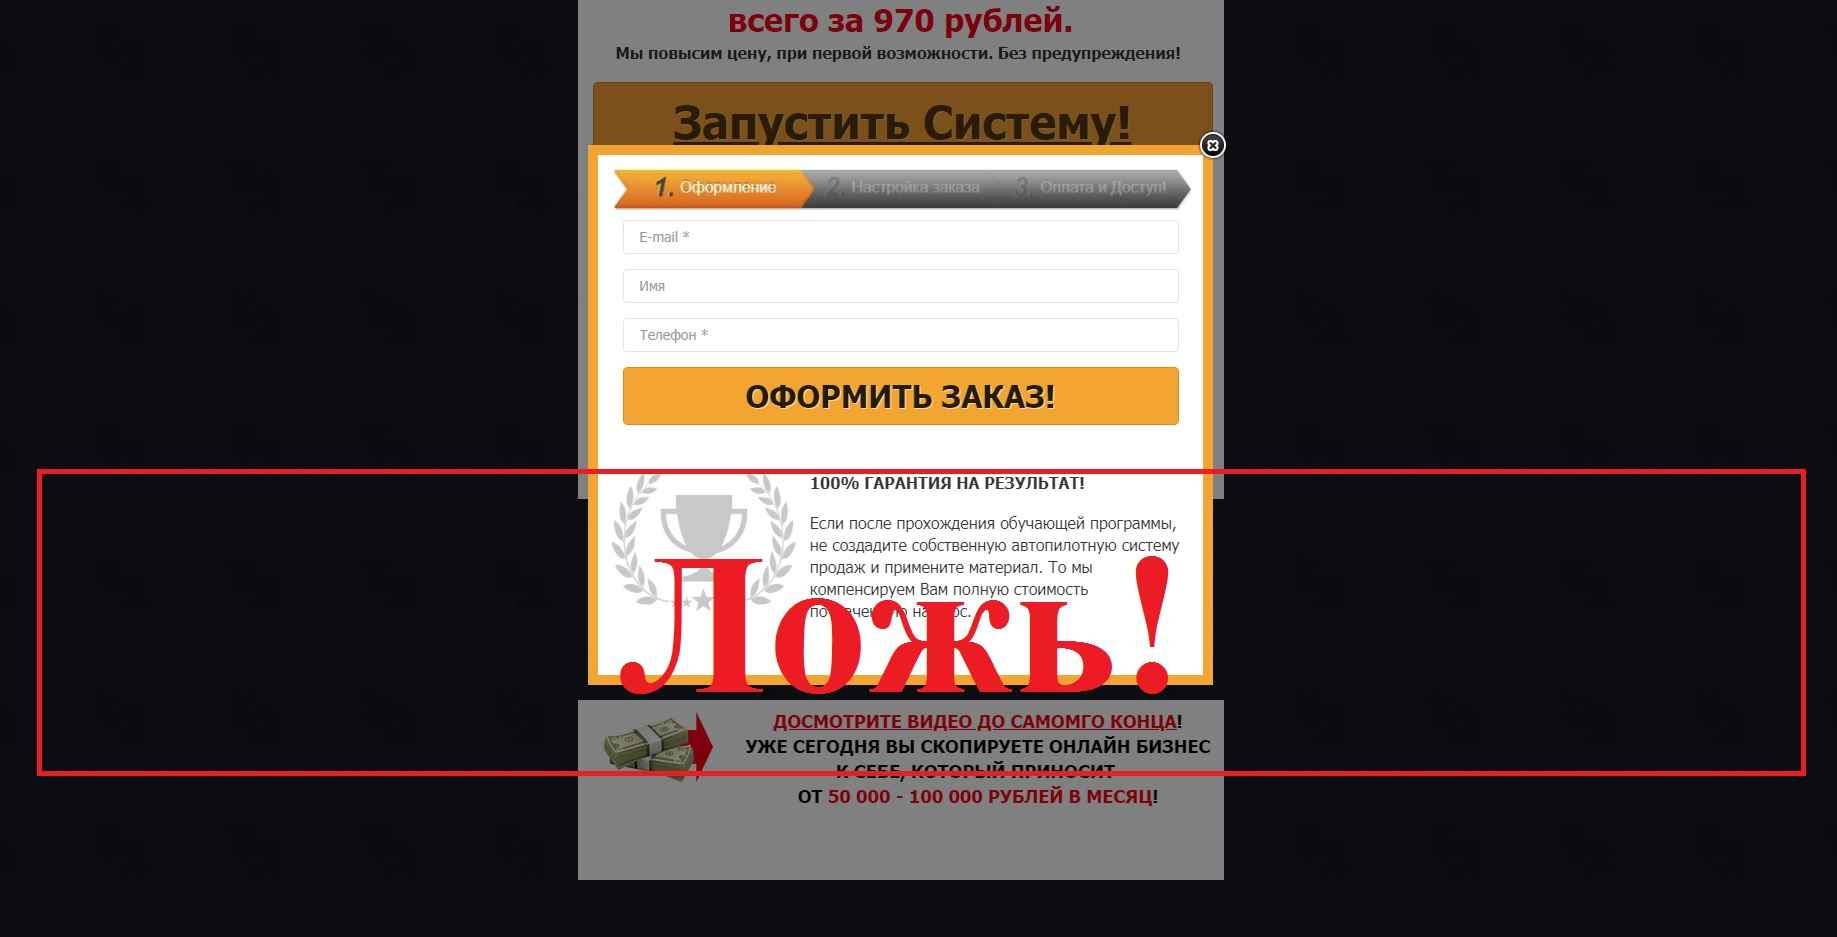 Быстрые деньги Ультиматум – отзывы о системе Михаила Гнедко